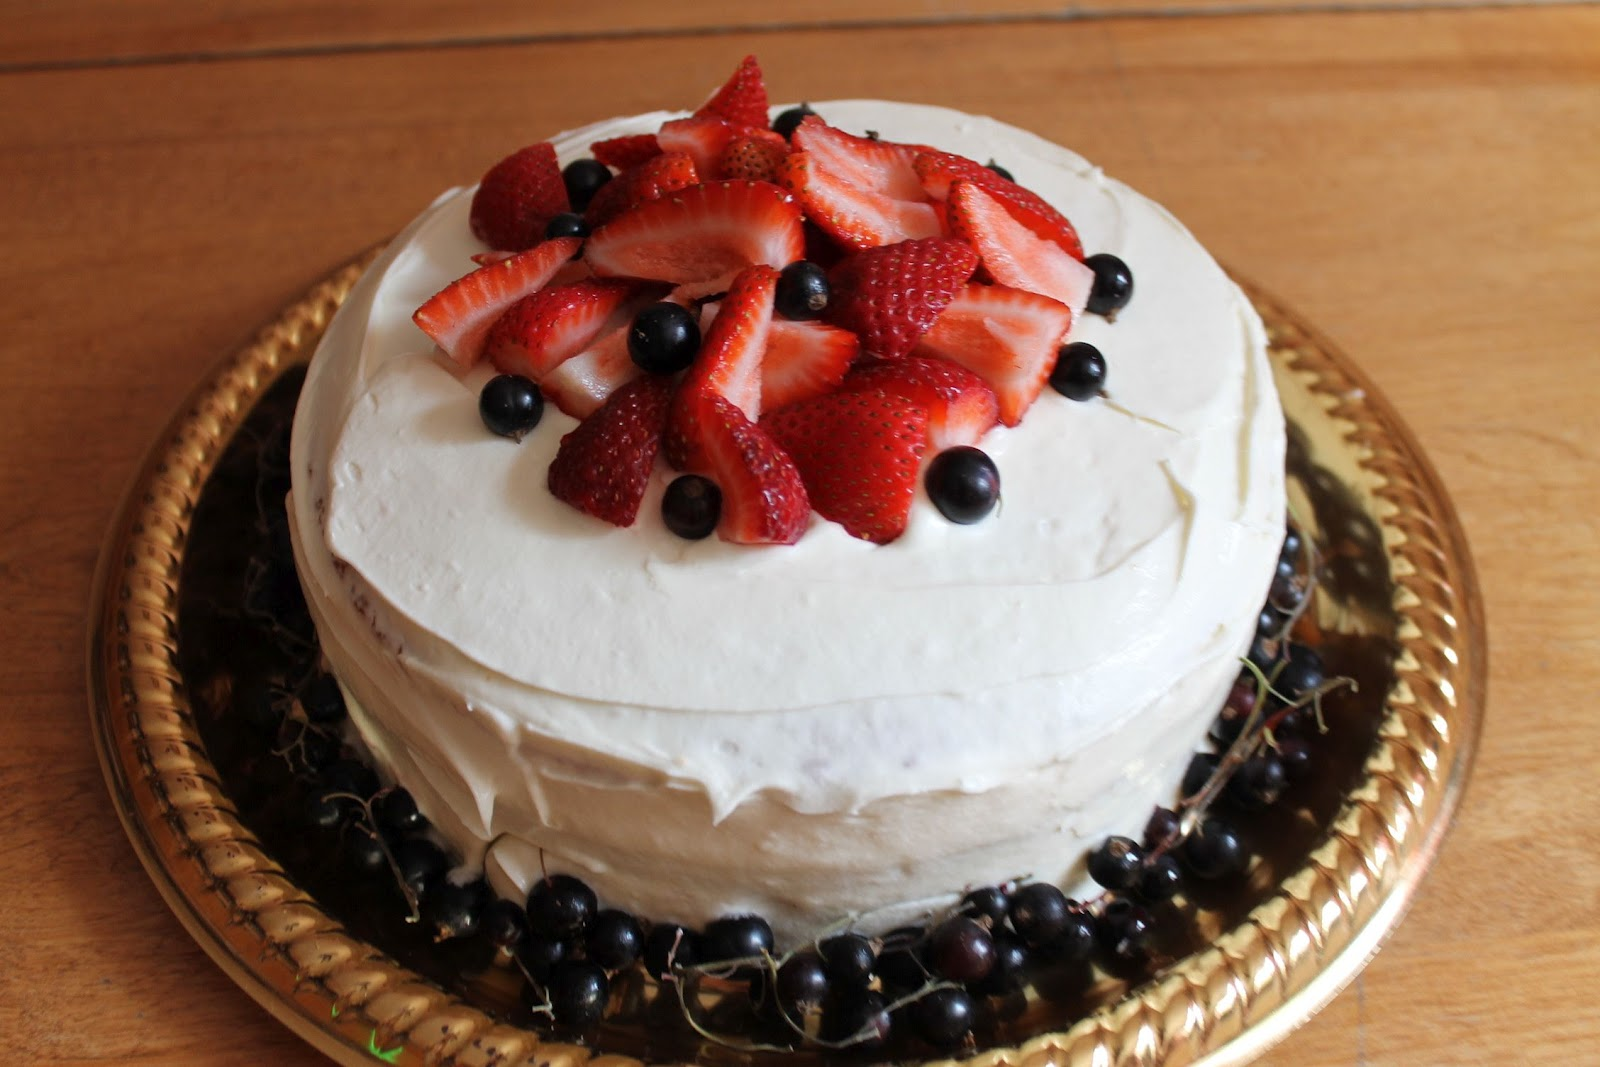 ai du faire un gâteau rapido presto et voilà ce que j'ai ...